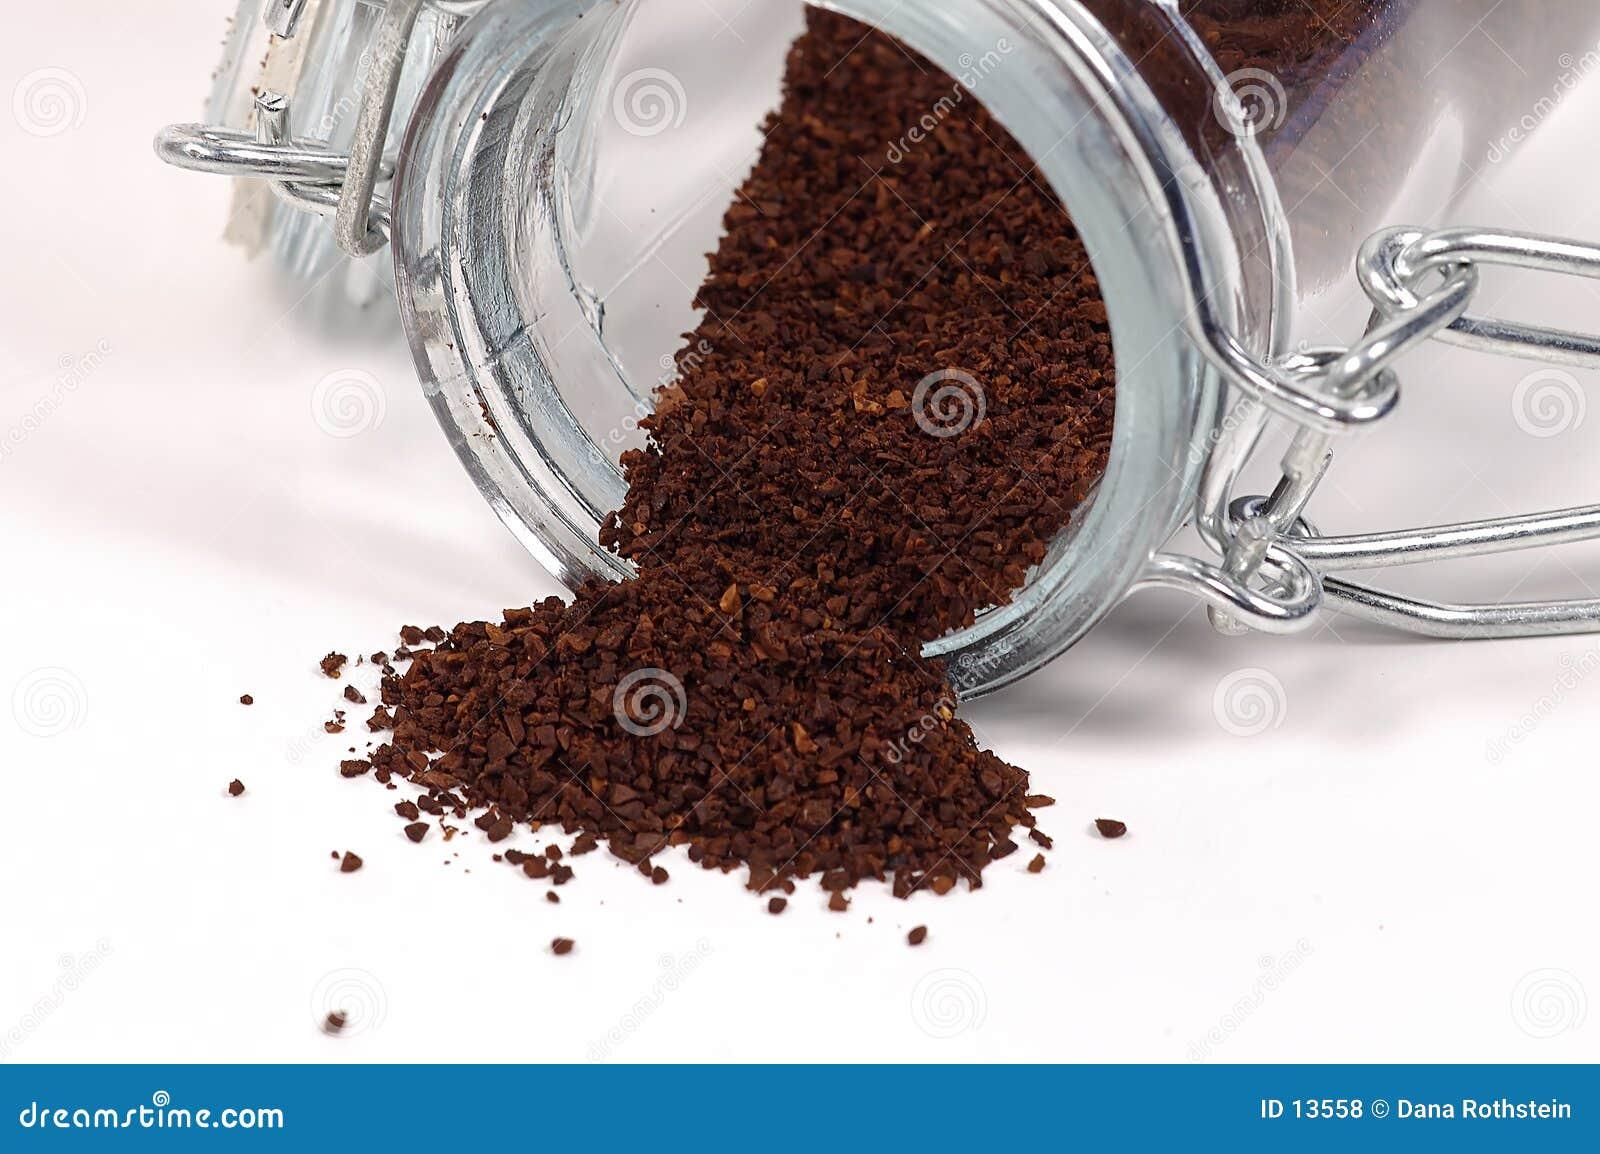 Kaffegrinds